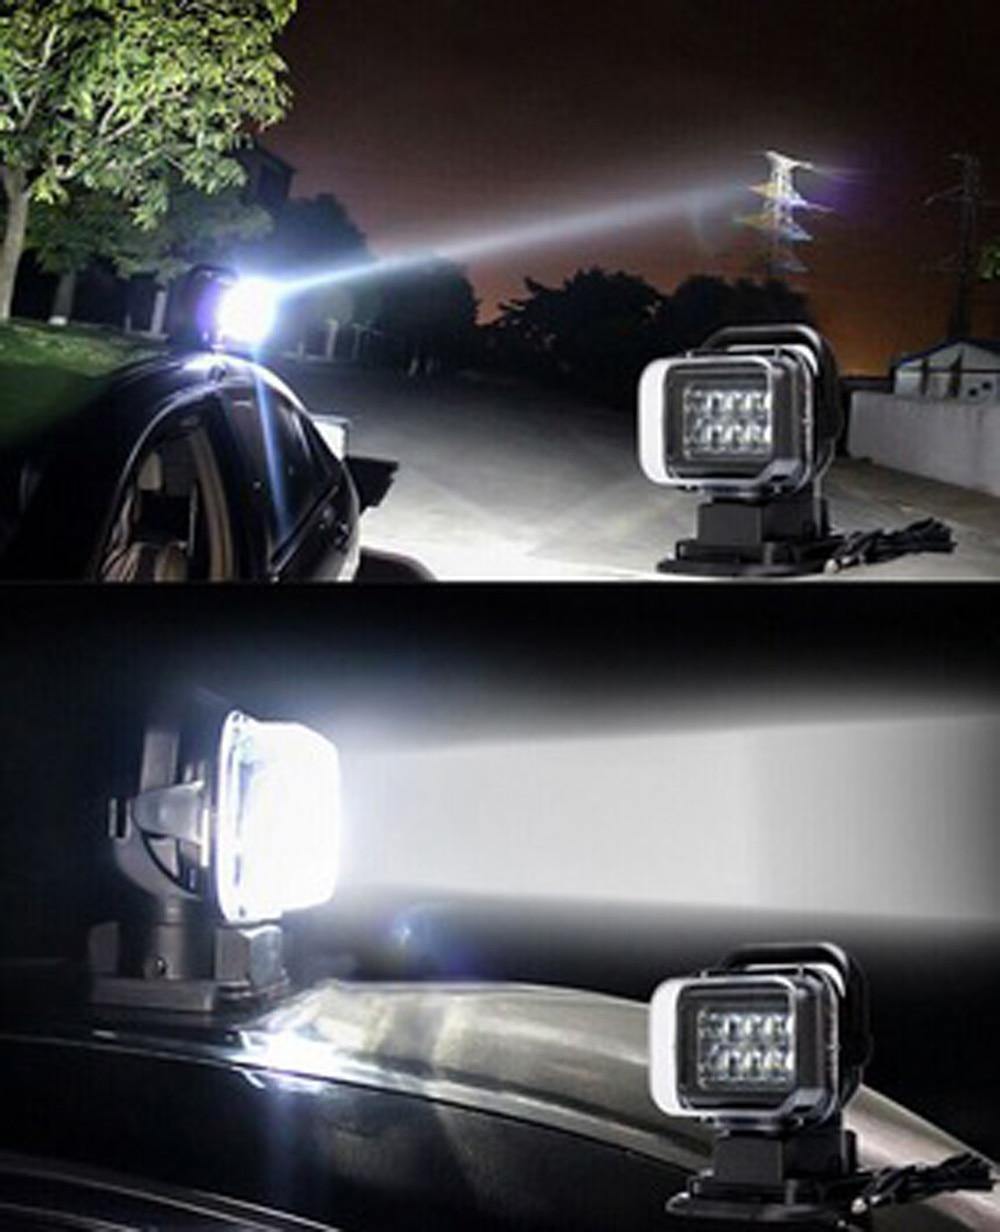 Տաք 50W 7inch LED լուսային լուսավորություն - Ավտոմեքենայի լույսեր - Լուսանկար 6